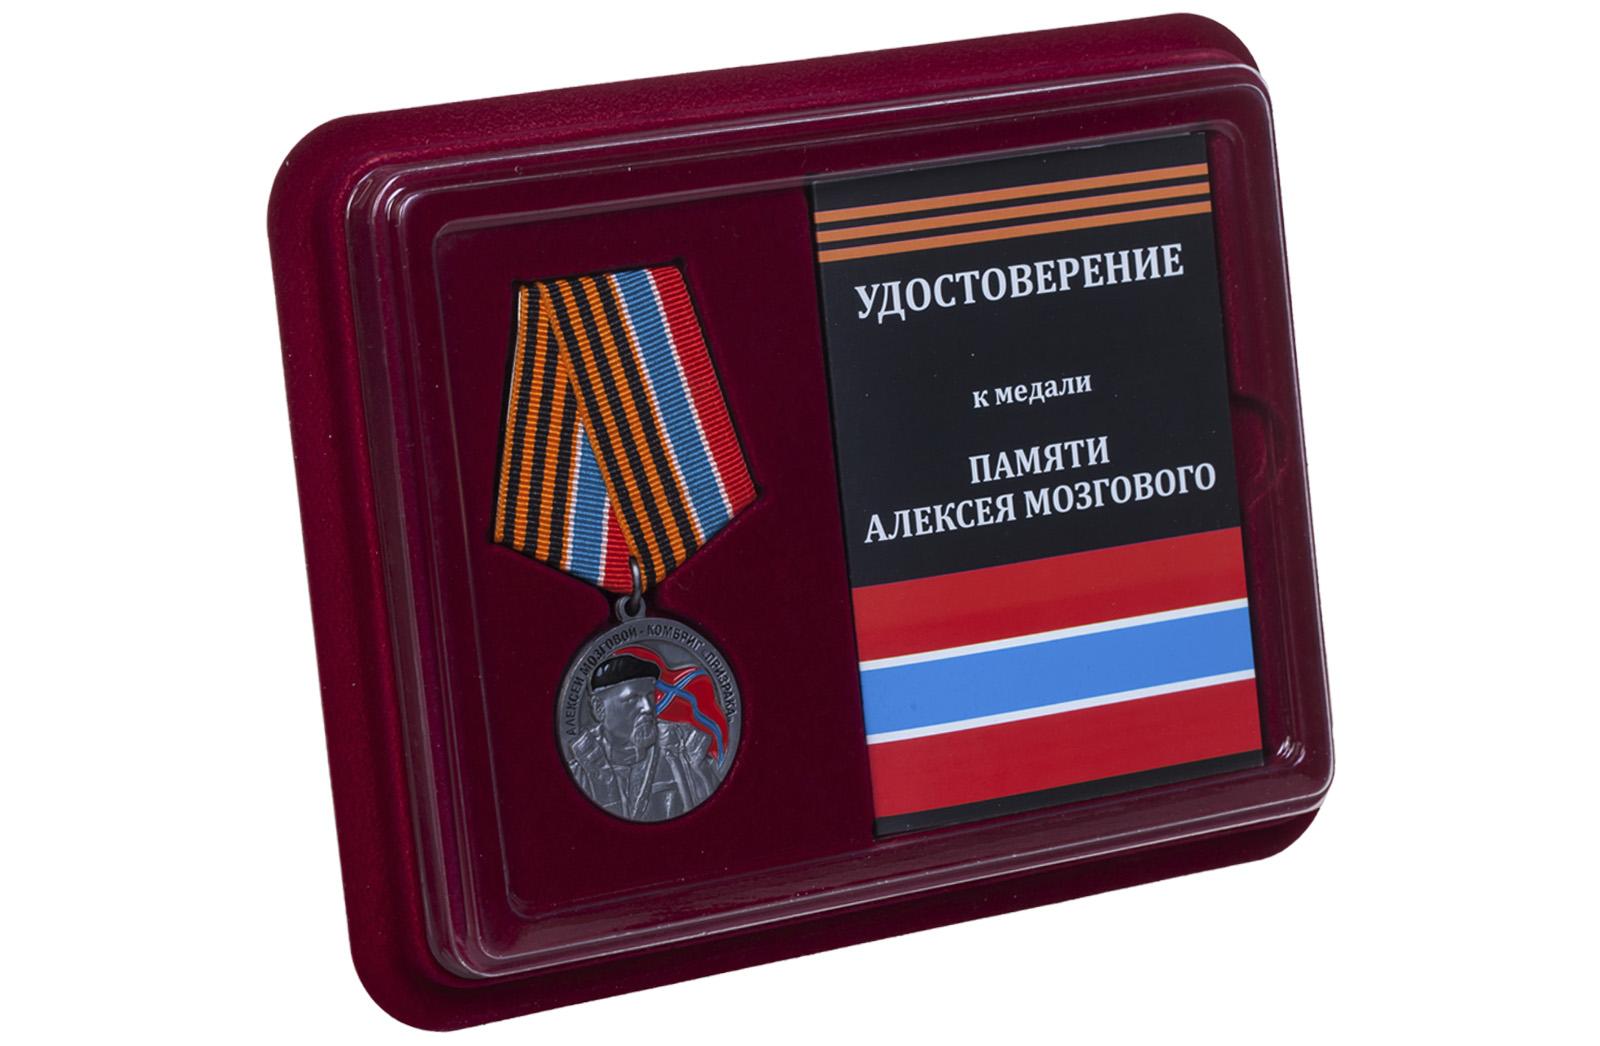 Купить медаль ДНР Комбриг Призрака Алексей Мозговой оптом или в розницу